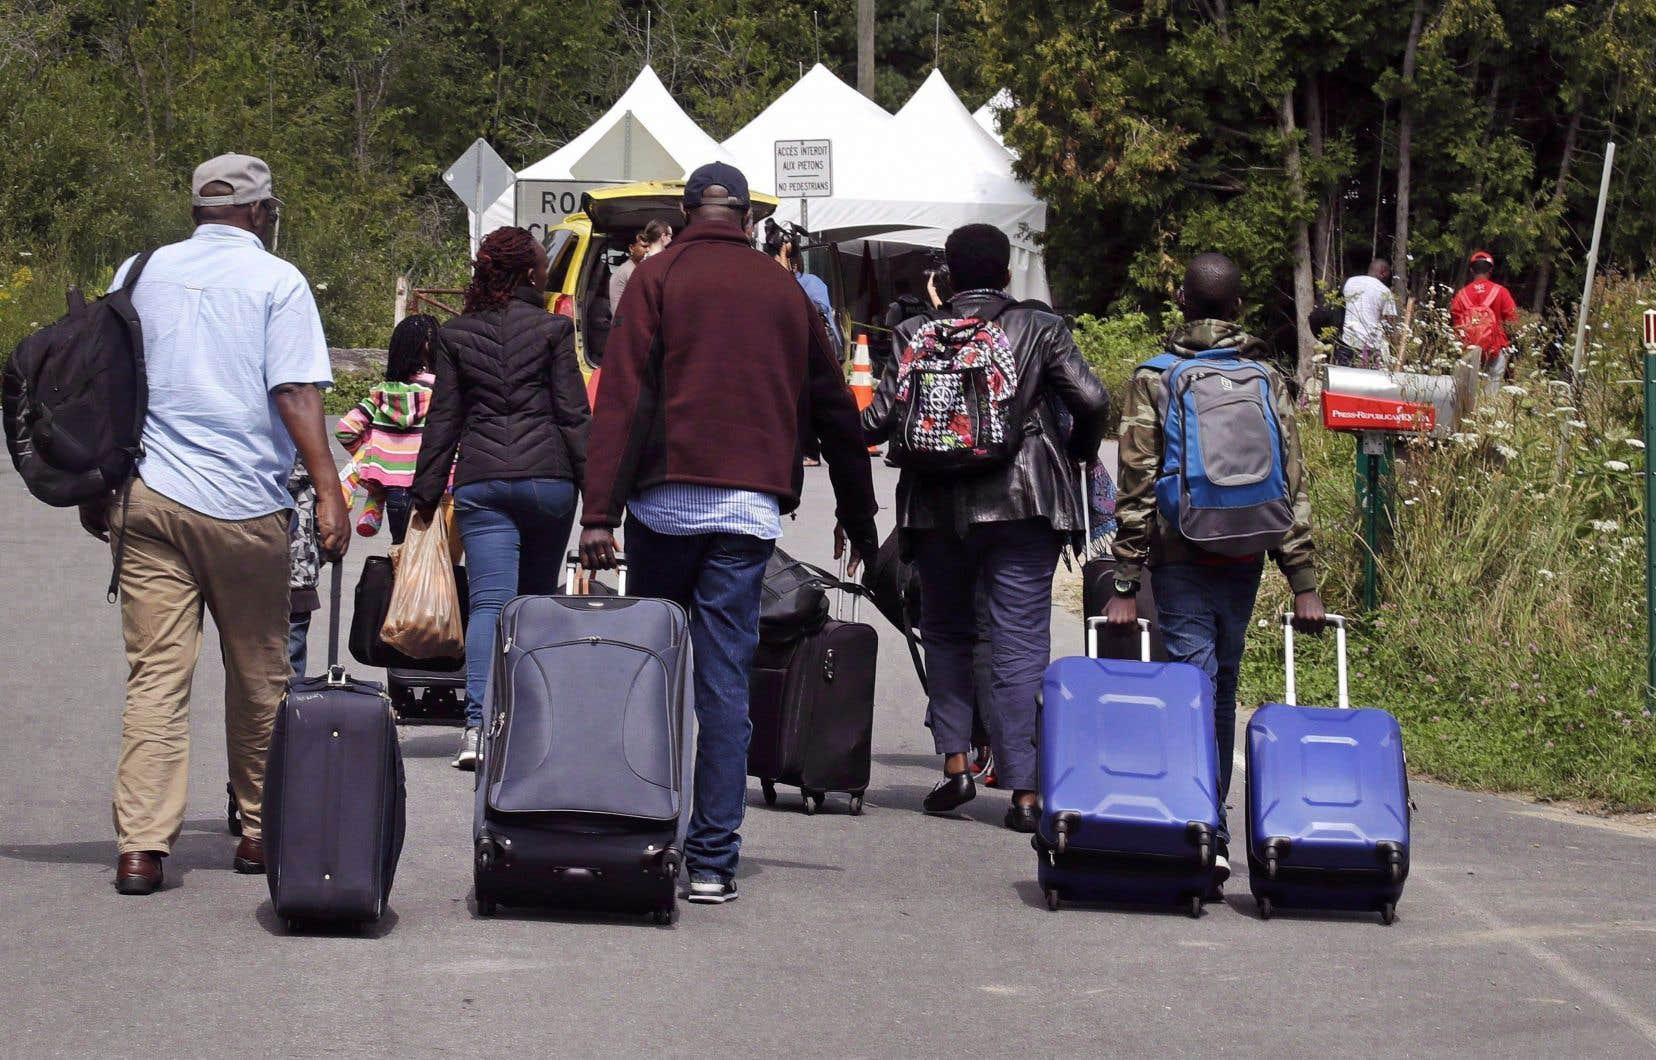 Depuis 2017, plus de 56000 personnes ont traversé la frontière canado-américaine à pied en empruntant des passages clandestins, le plus connu étant le chemin Roxham au Québec.